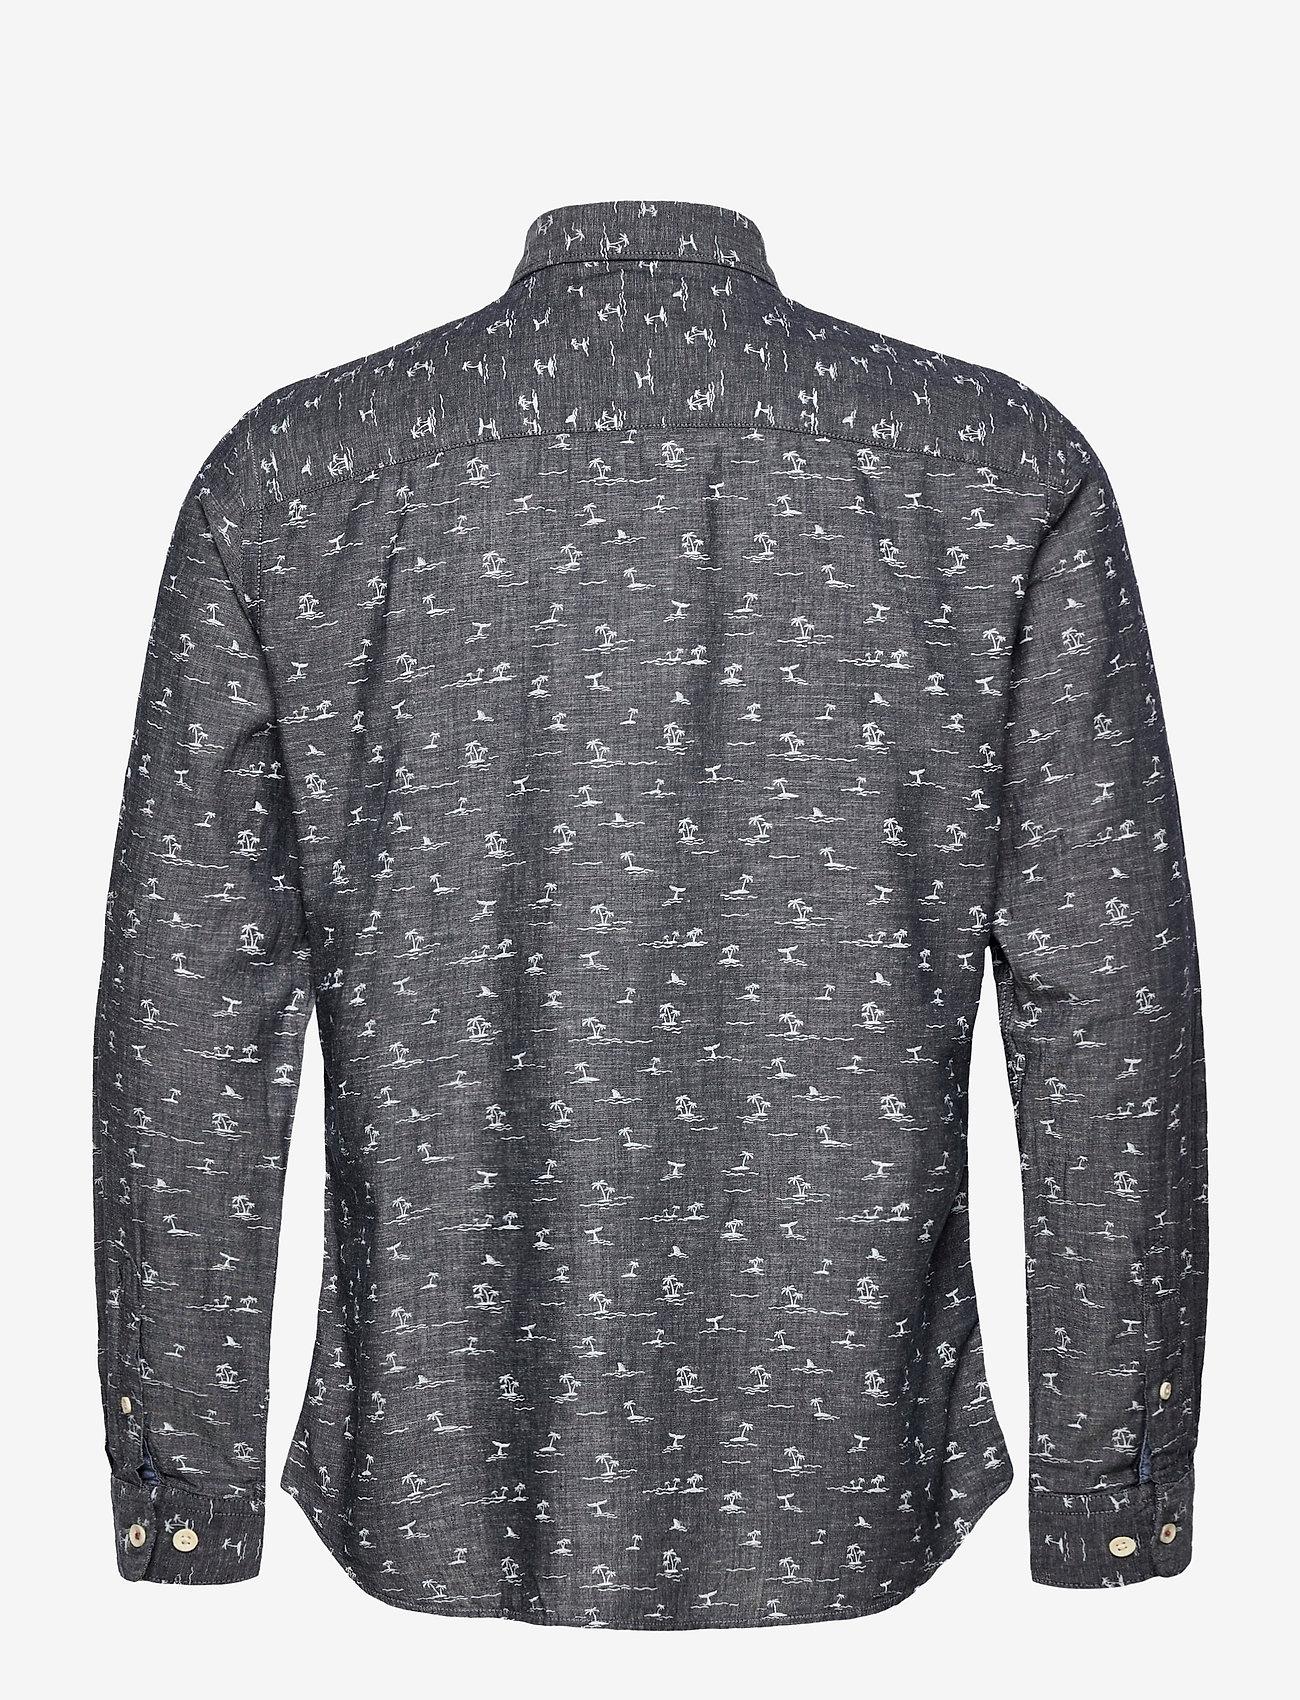 Jack & Jones - JORDAN SHIRT LS - linneskjortor - navy blazer - 1